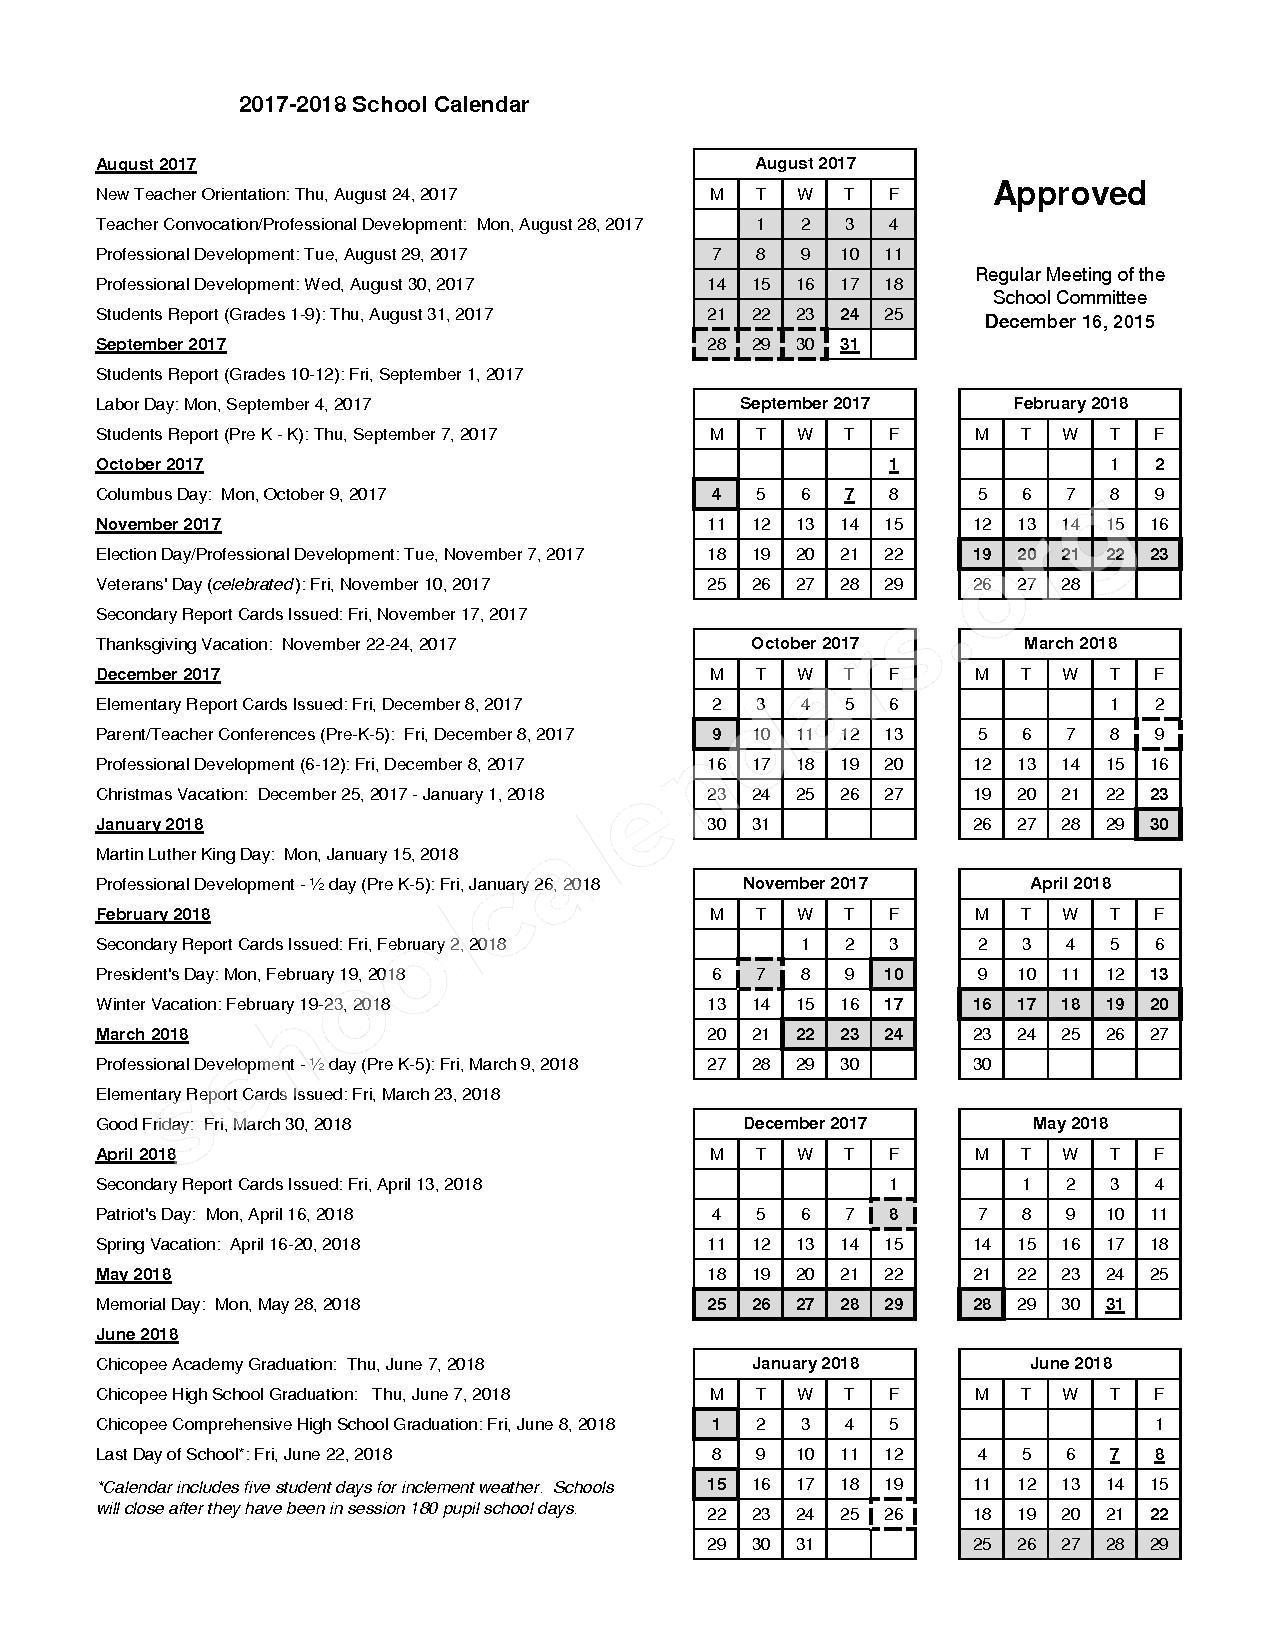 2017 - 2018 School Calendar – Chicopee Public Schools – page 1